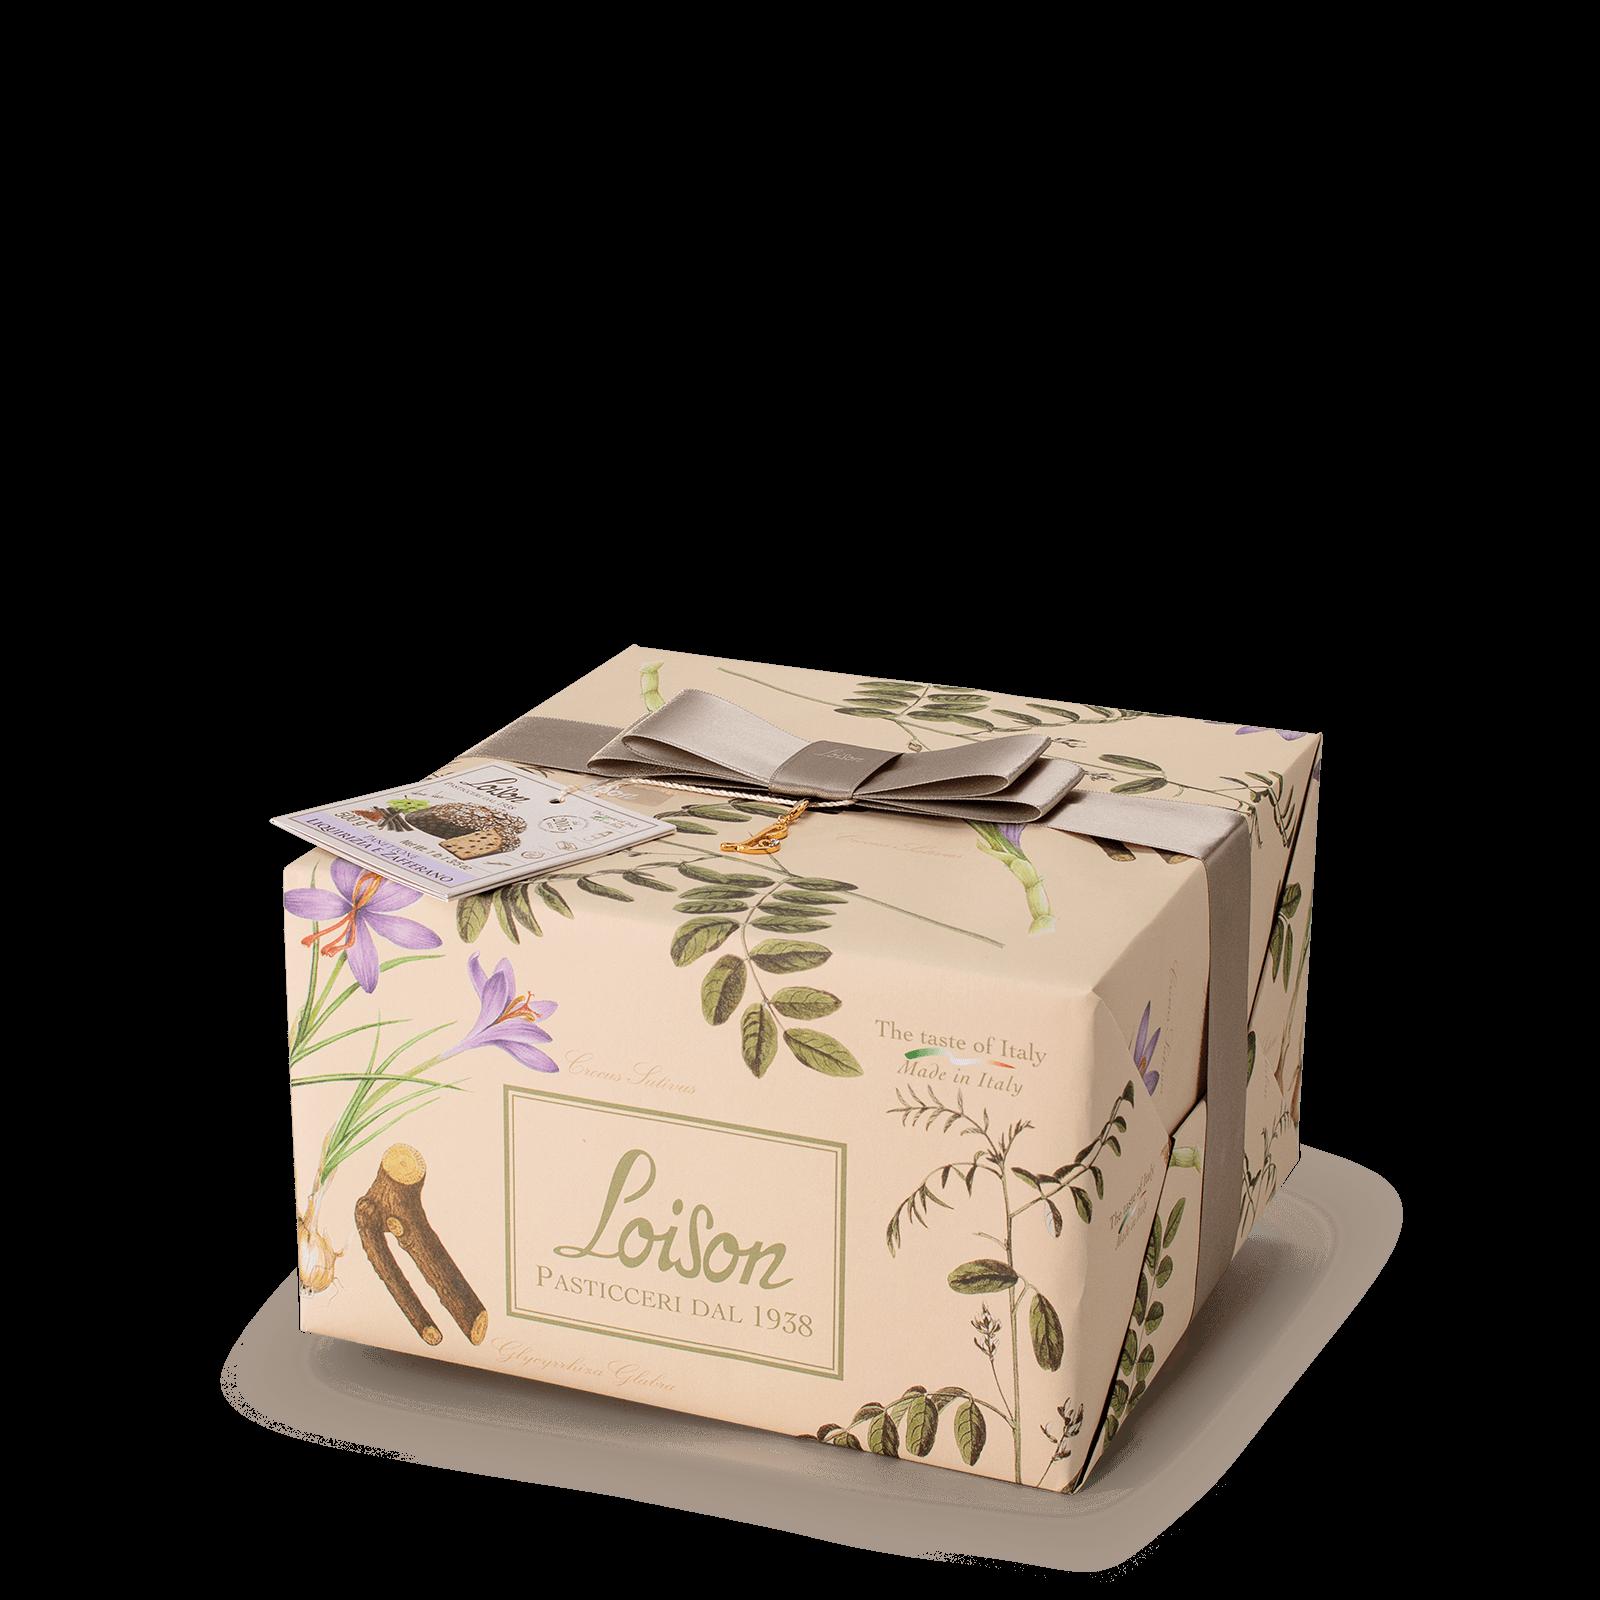 Panettone réglisse et safran – 1kg - Fruits et fleurs Loison